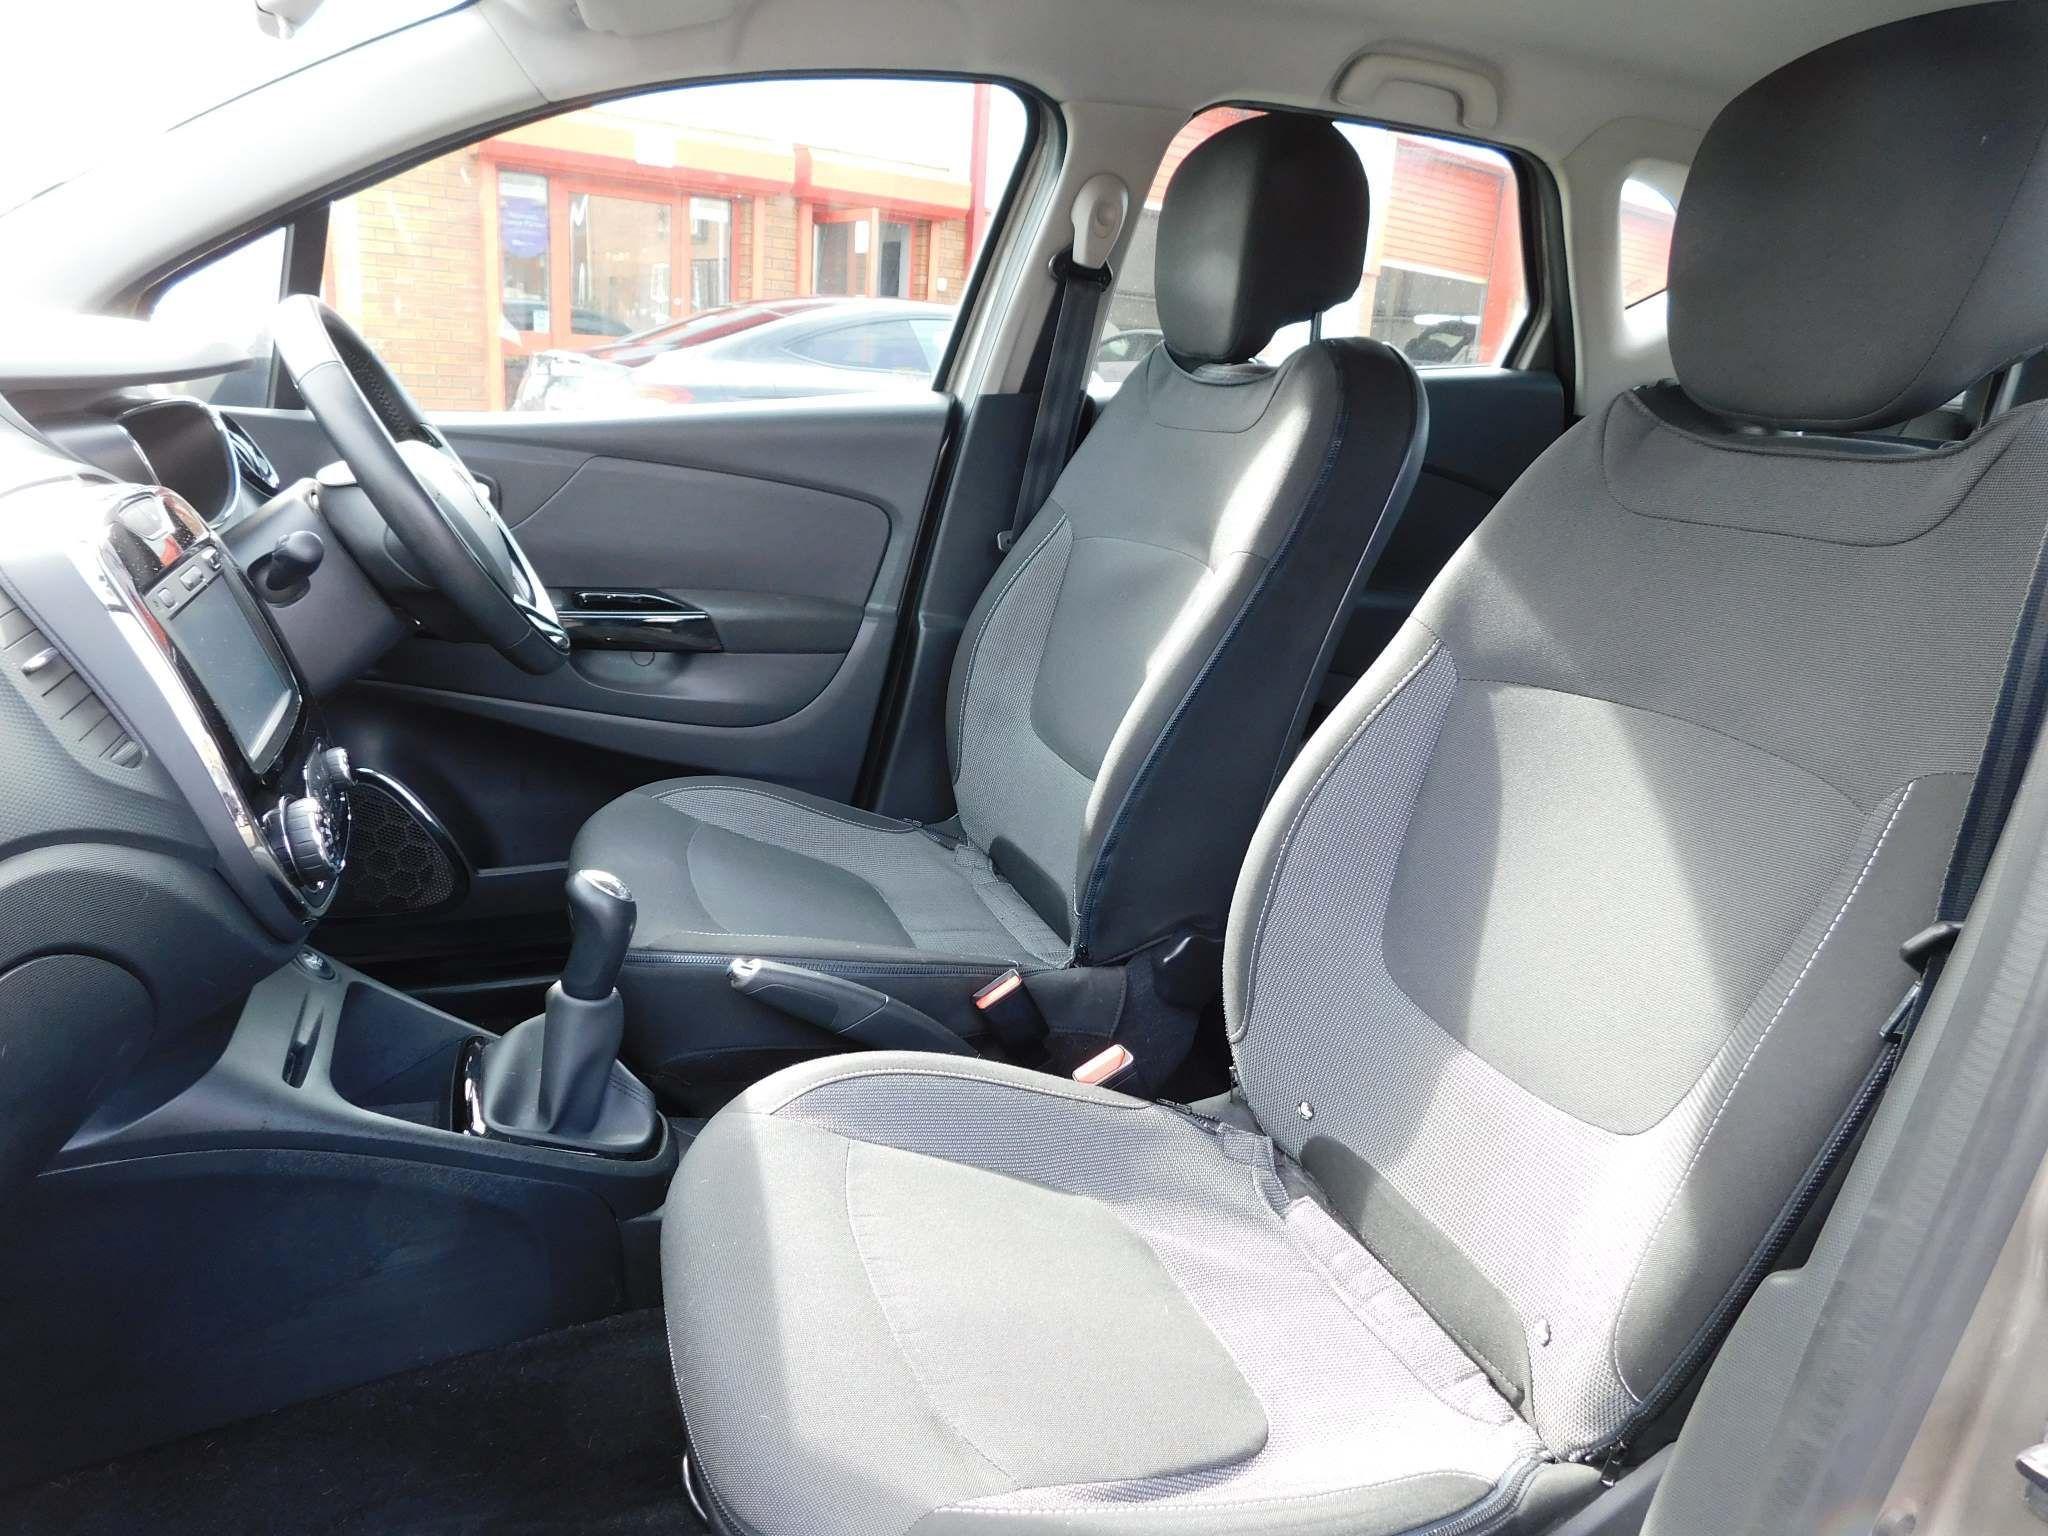 2014 RENAULT Captur 1.5 dCi ENERGY Dynamique MediaNav (s/s) Diesel Manual just in – Meadow Cars Carrickfergus full